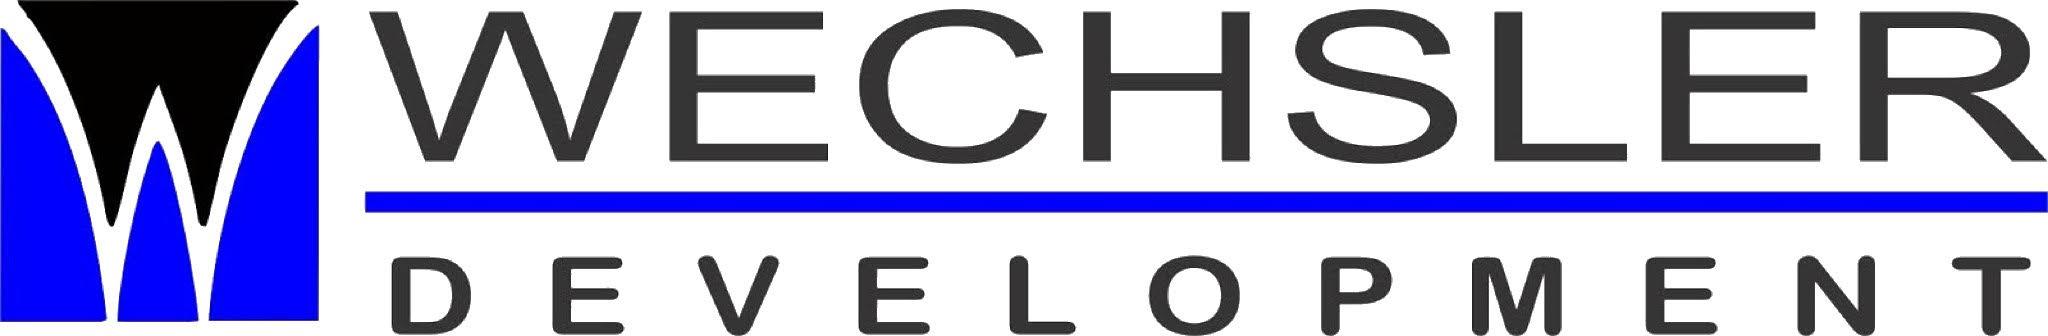 Wechsler Development Group-logo